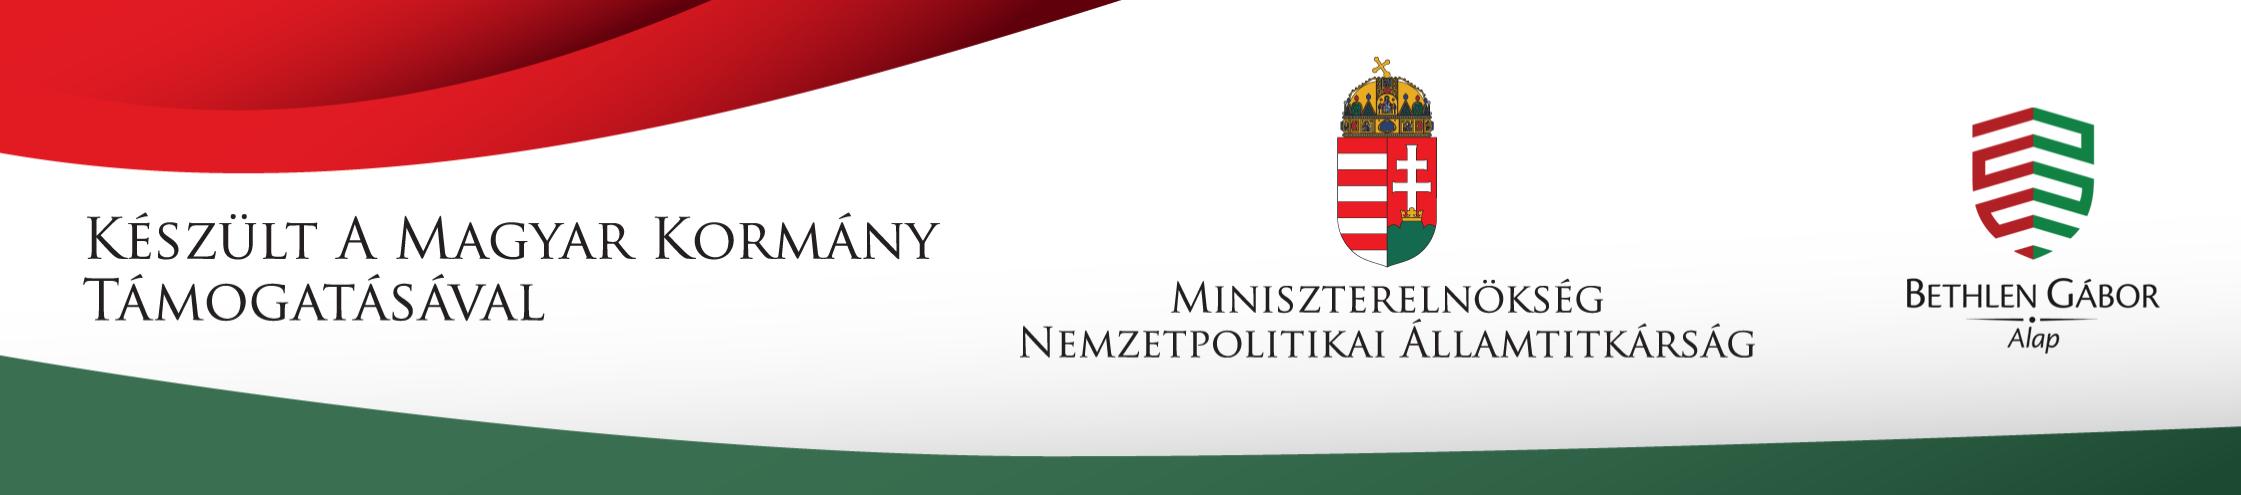 készült a magyar kormány támogatásával harmas logo 001